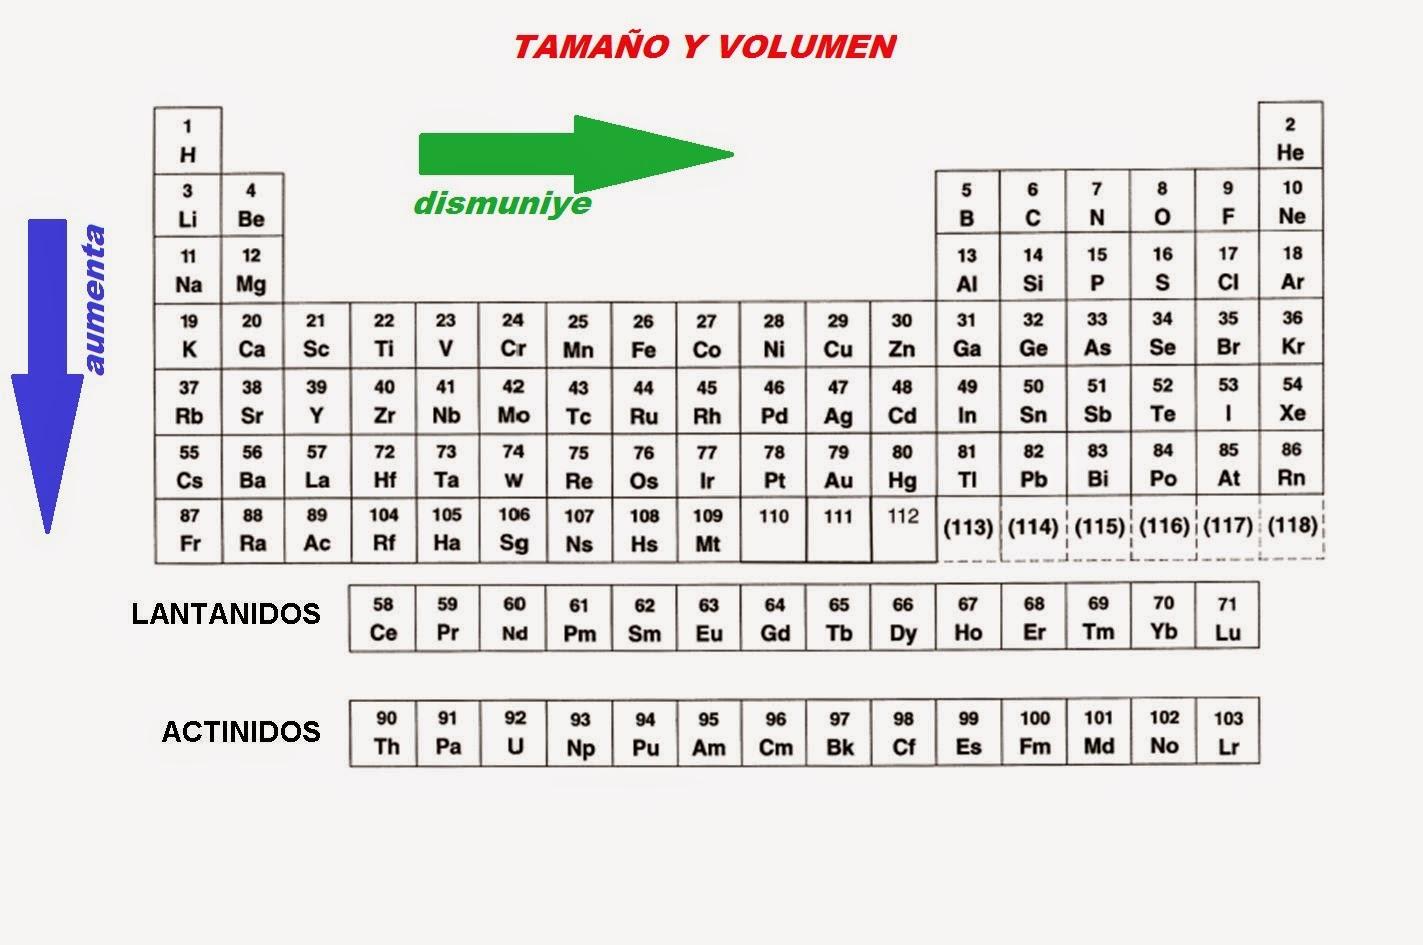 Propiedades de la tabla periodica quimica tamao y volumen los elementos ubicados en la tabla peridica tambin tienen una relacin con su tamao y su volumen por las siguientes razones urtaz Image collections